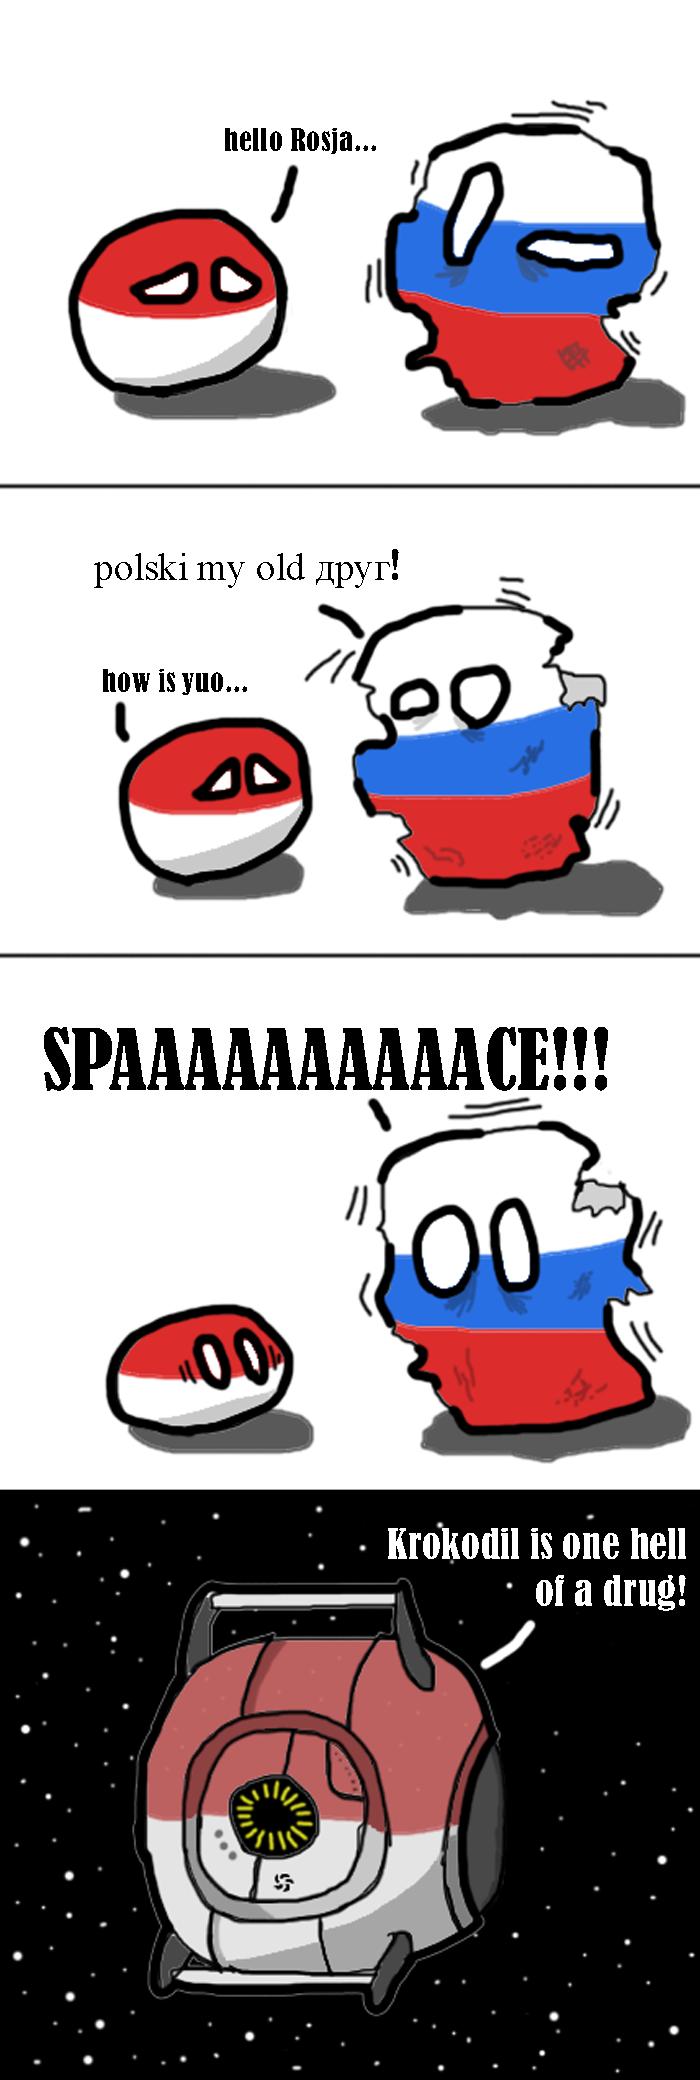 Russia on Drugs. r/polandball. hell!) Itallic, ll y tta Polski my old ,. tts 1: sls 1 : l( 1' 01{ stlil is one hell crocs